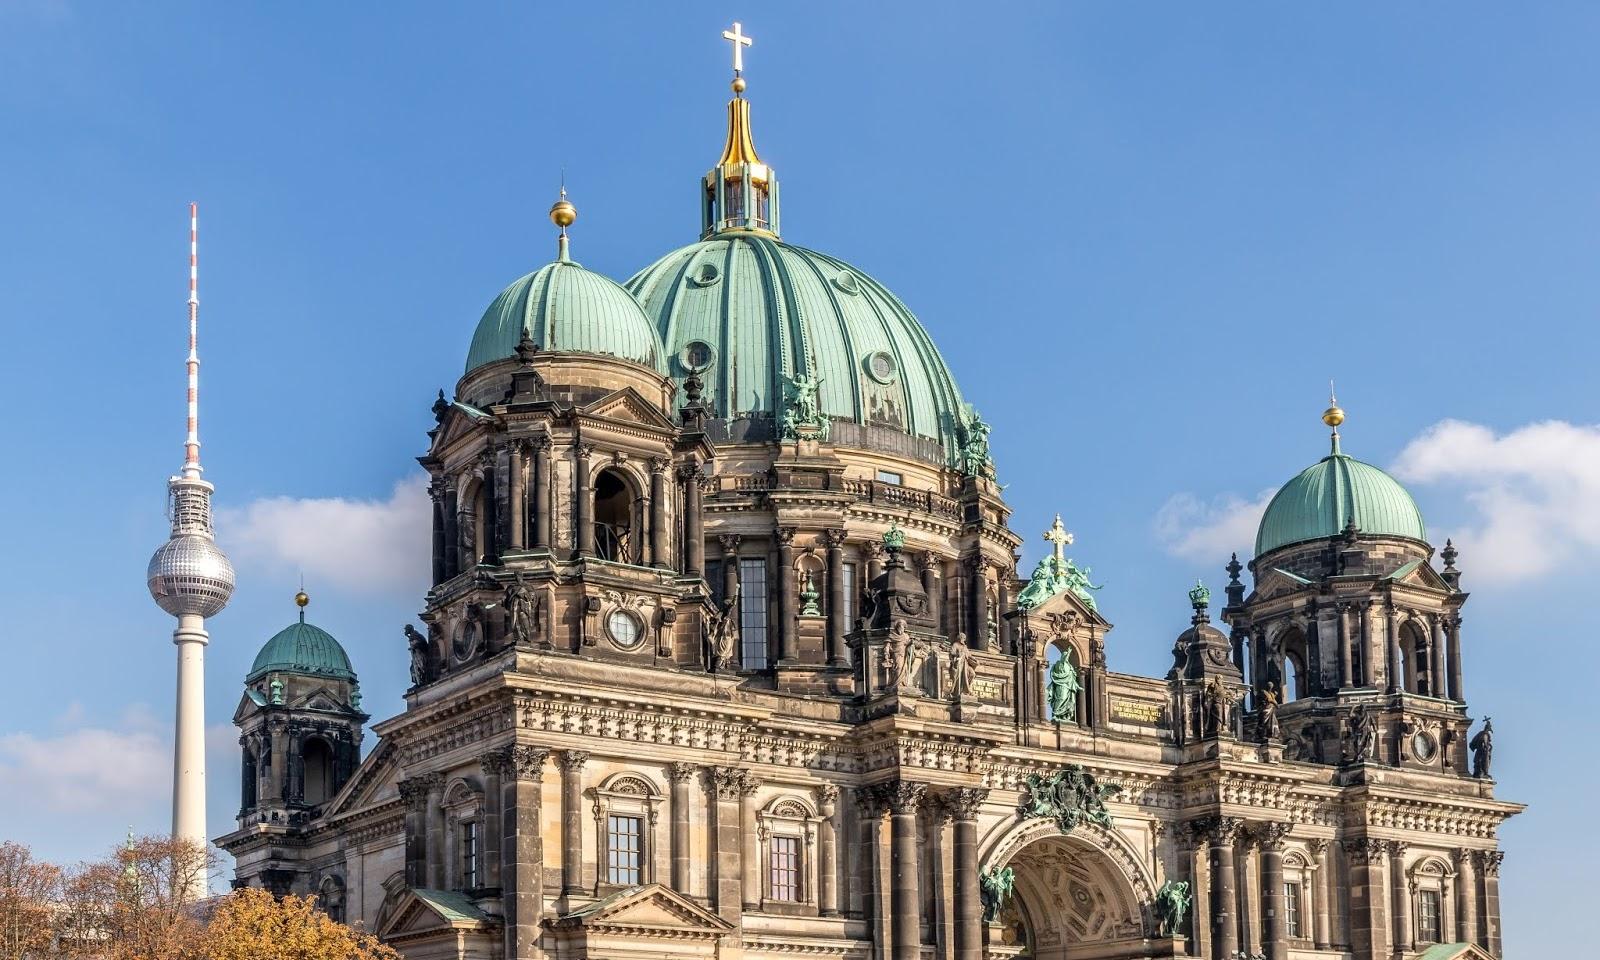 Jak zorganizować zwiedzanie Berlina znajomym? — Najważniejsze atrakcje turystyczne Berlina